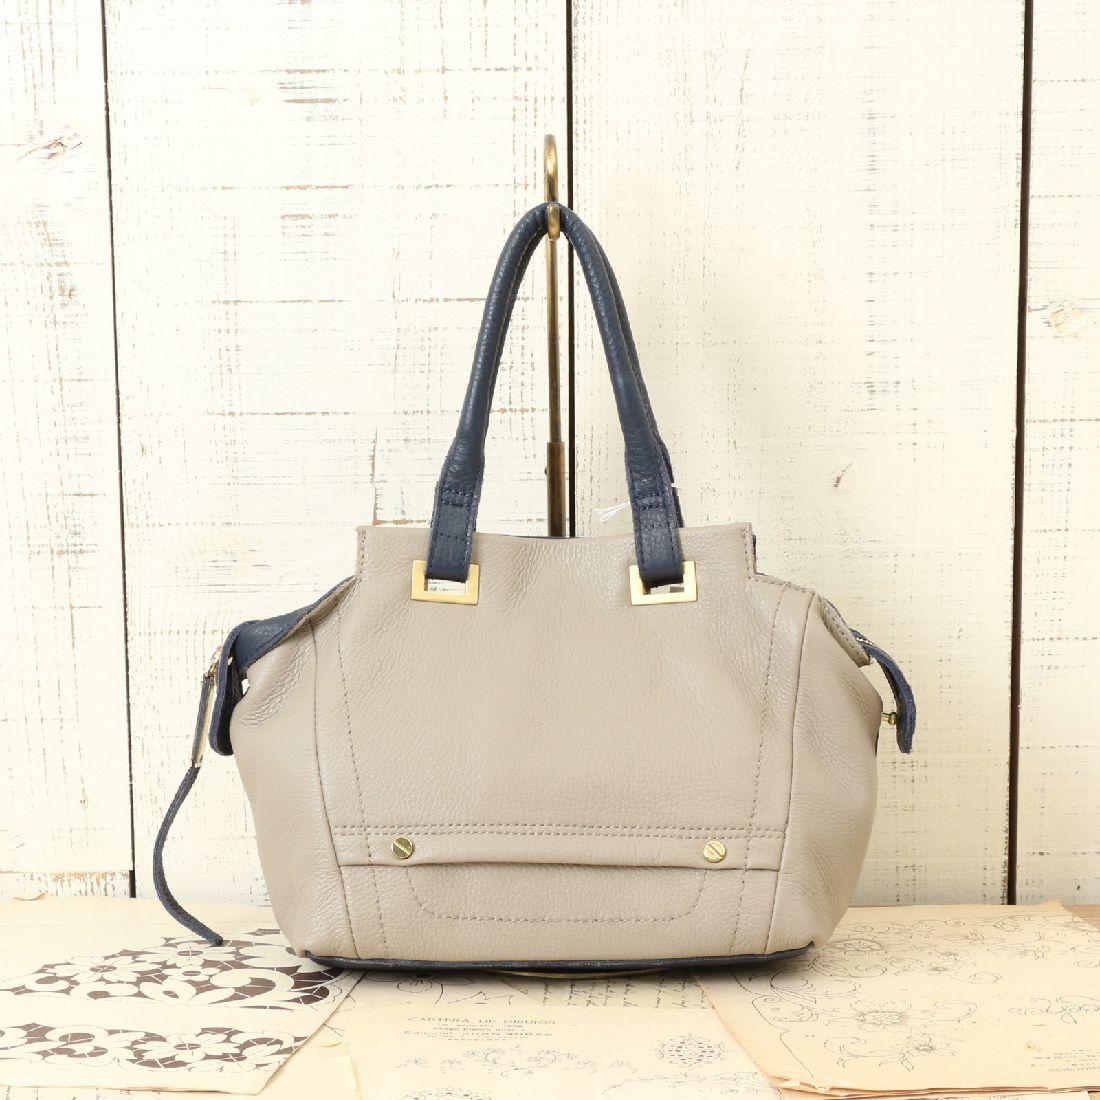 どんなバッグの種類があるの?女性らしいおしゃれなバッグをご紹介☆のサムネイル画像